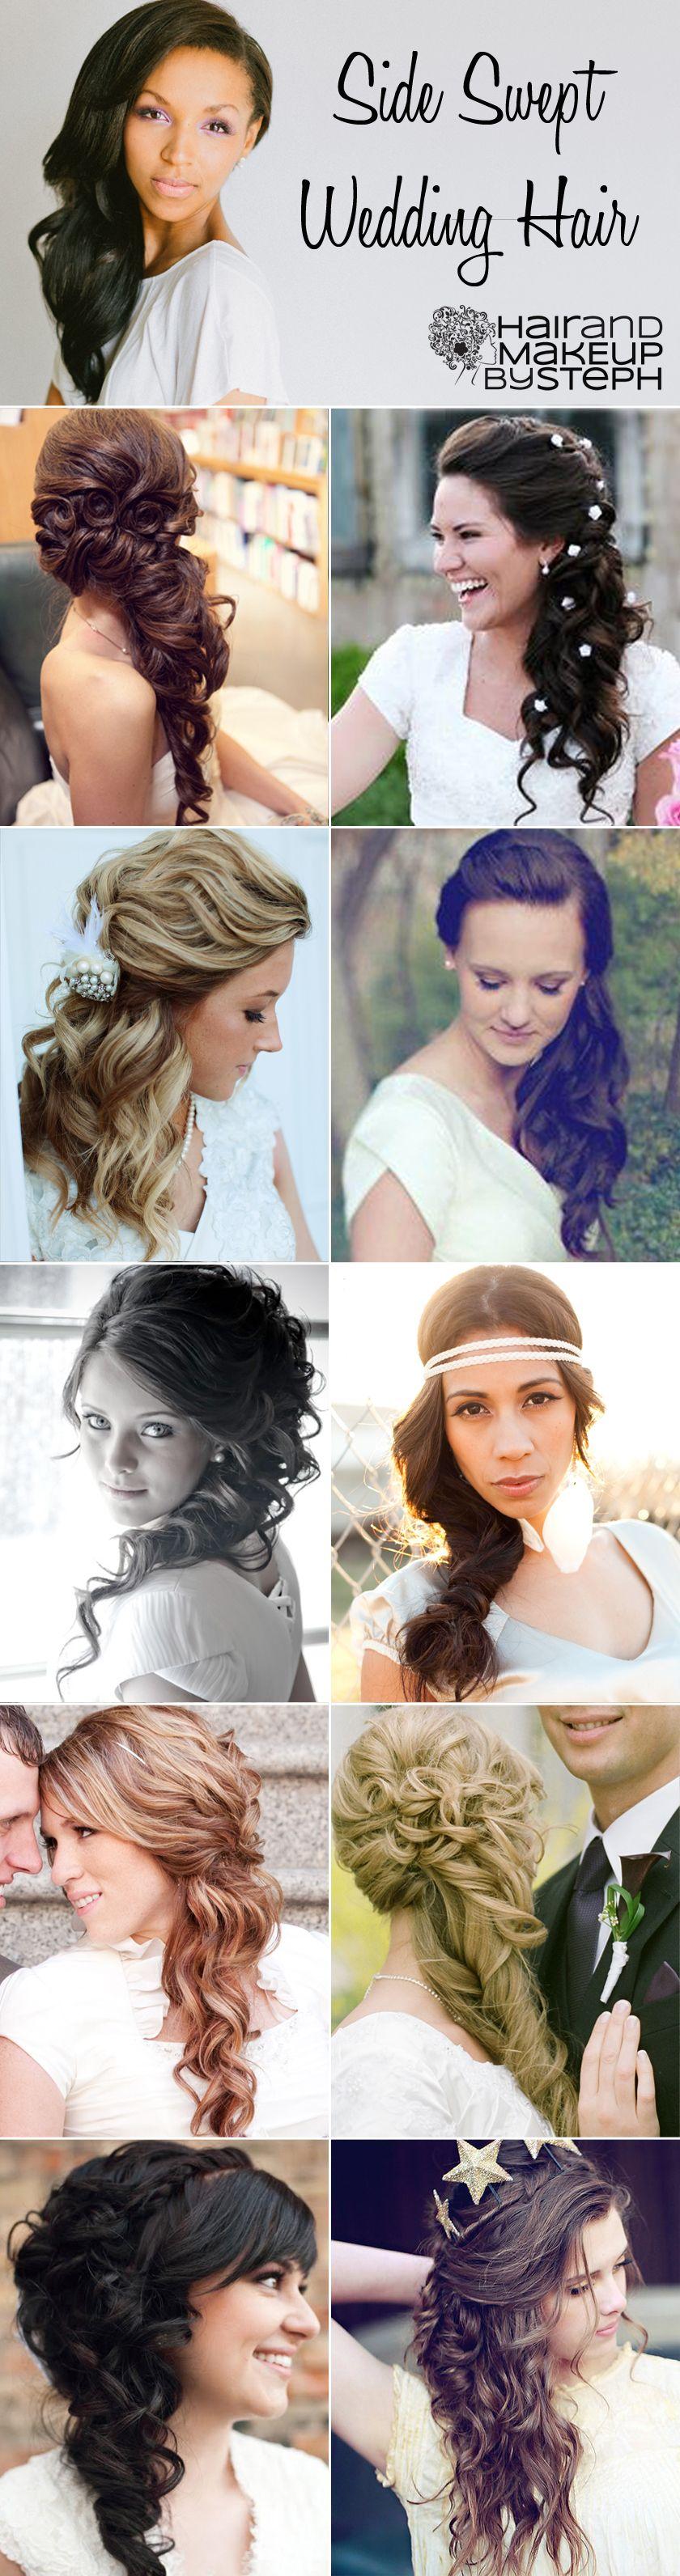 Side swept wedding hair ideas via blog.hairandmakeupbysteph.com